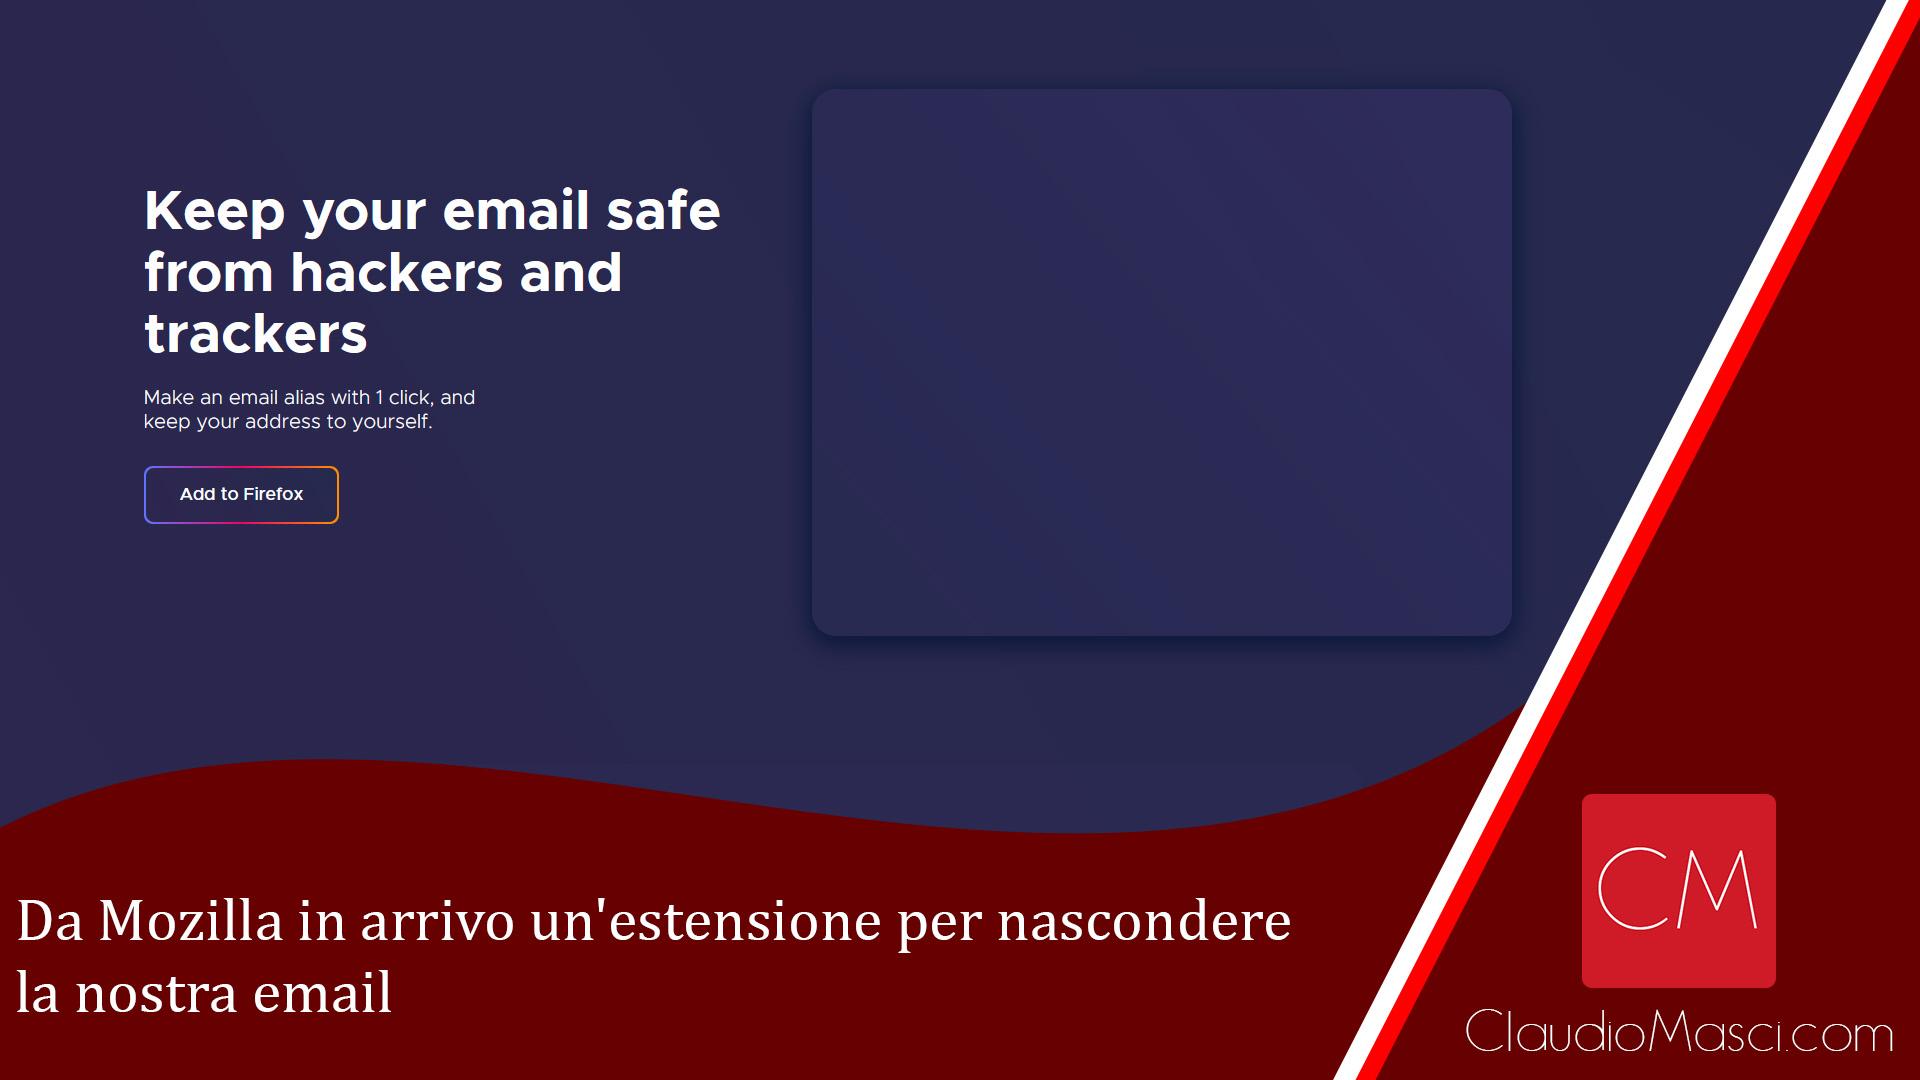 Da Mozilla in arrivo un'estensione per nascondere la nostra email